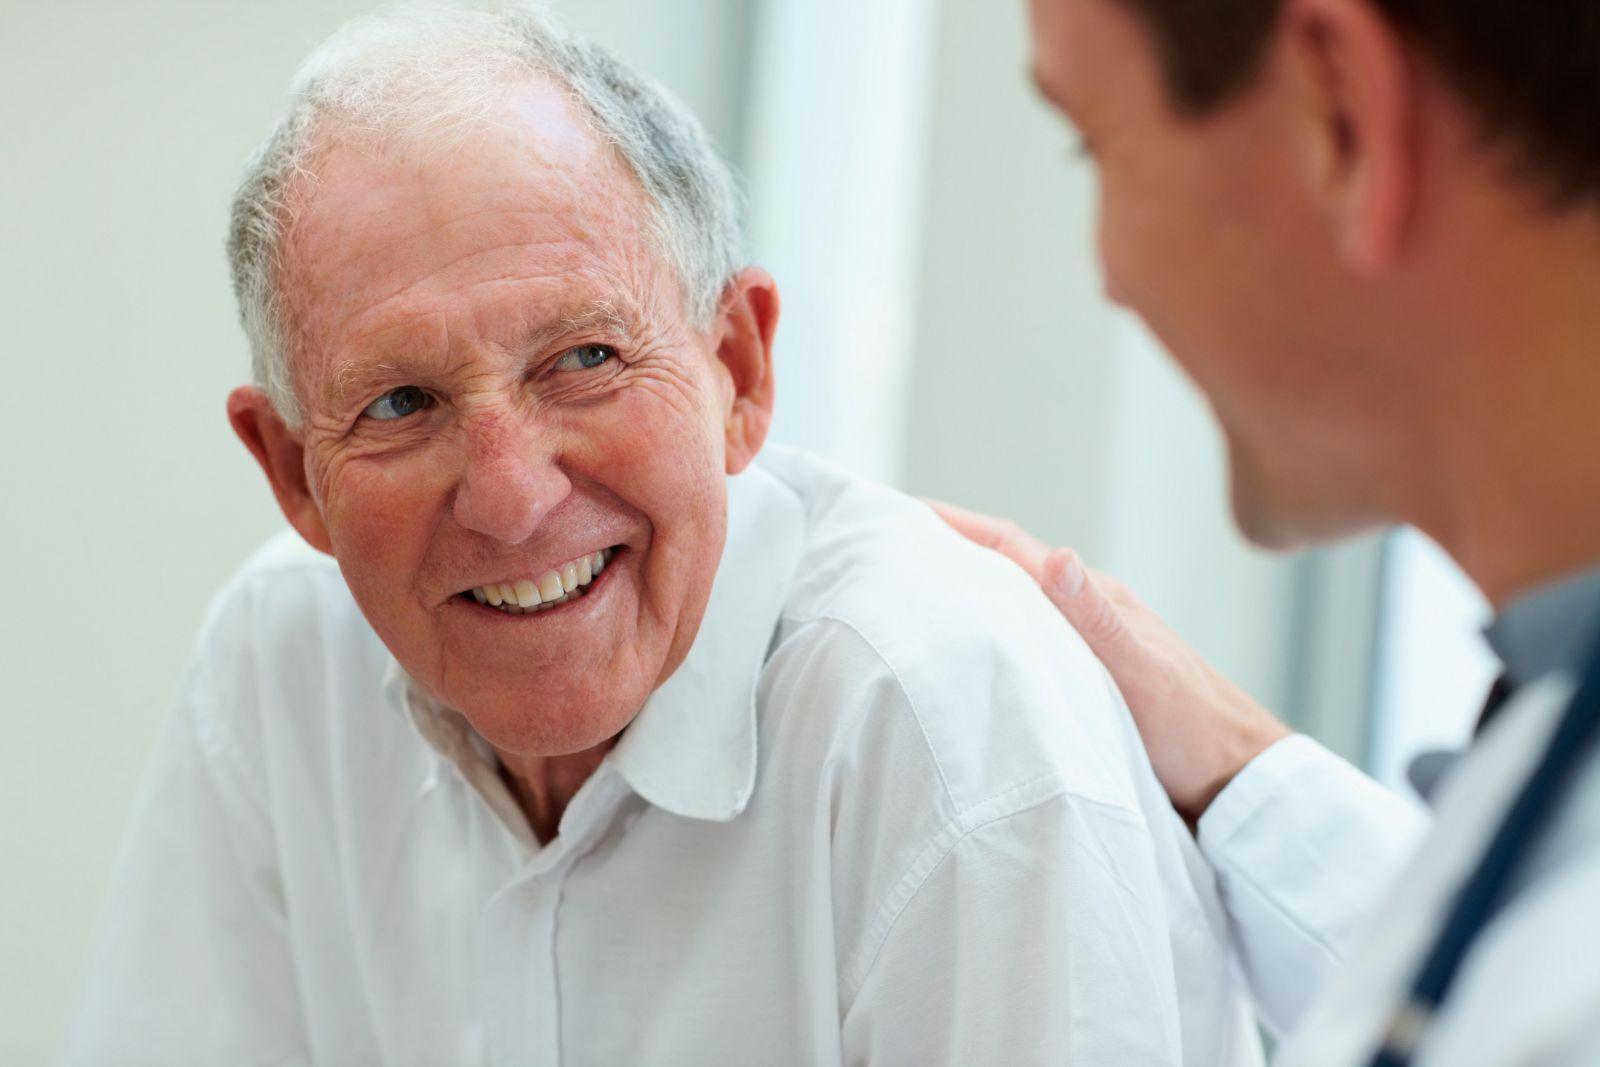 Rektal Ultrason İle Prostat Kanseri Tanısı